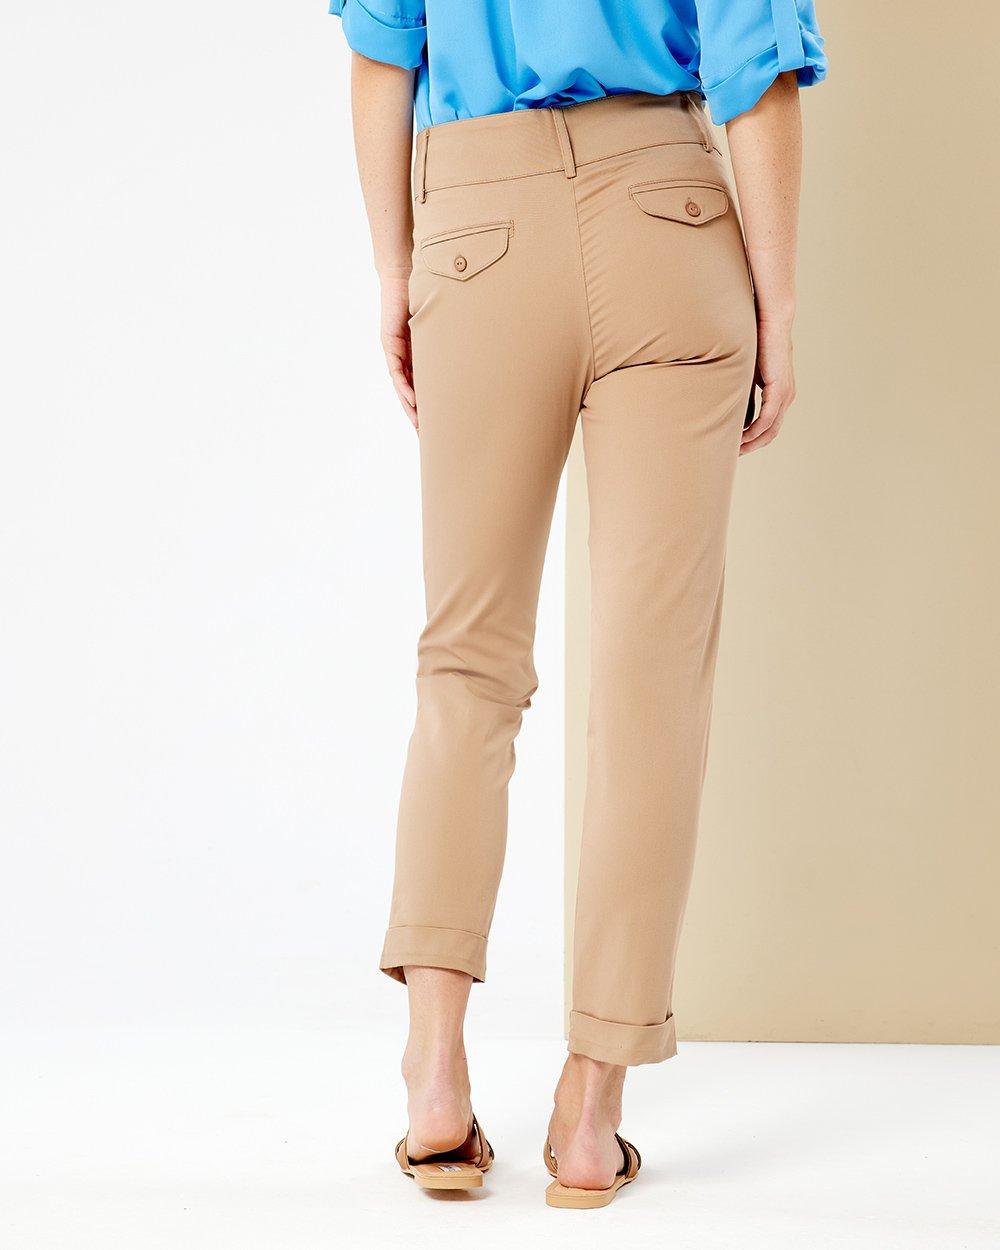 Παντελόνι με μπάσκα και ρεβέρ